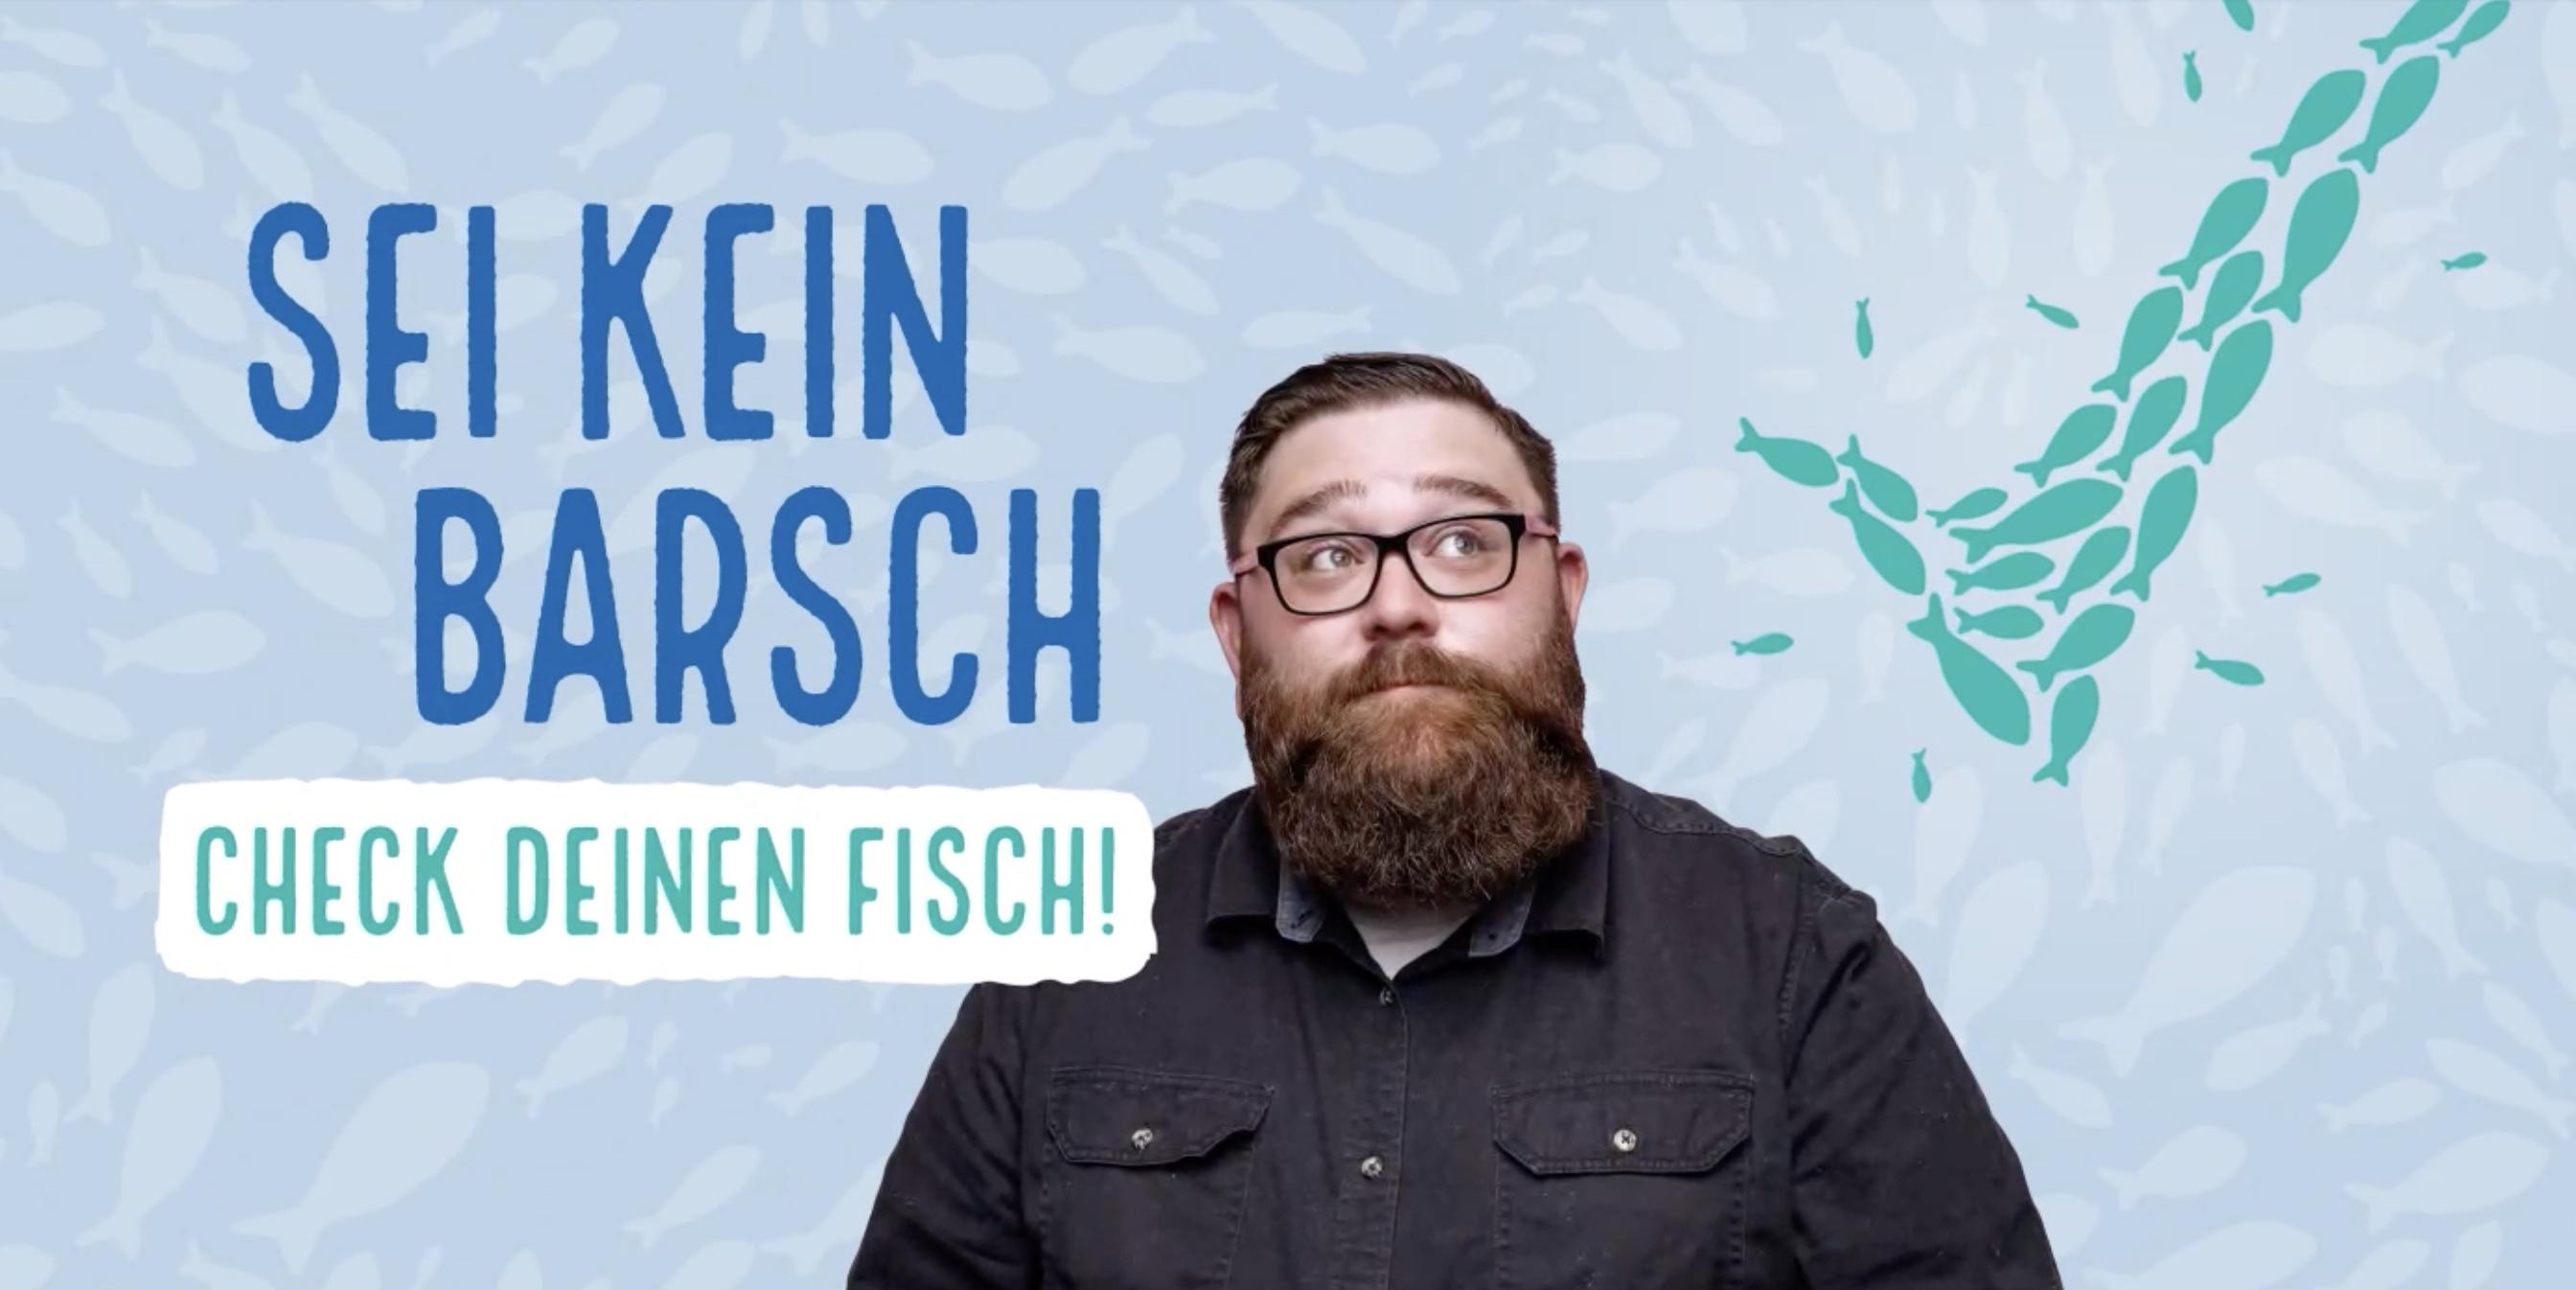 """""""Check deinen Fisch"""" - gemeinsame Kampagne von ASC und MSC"""